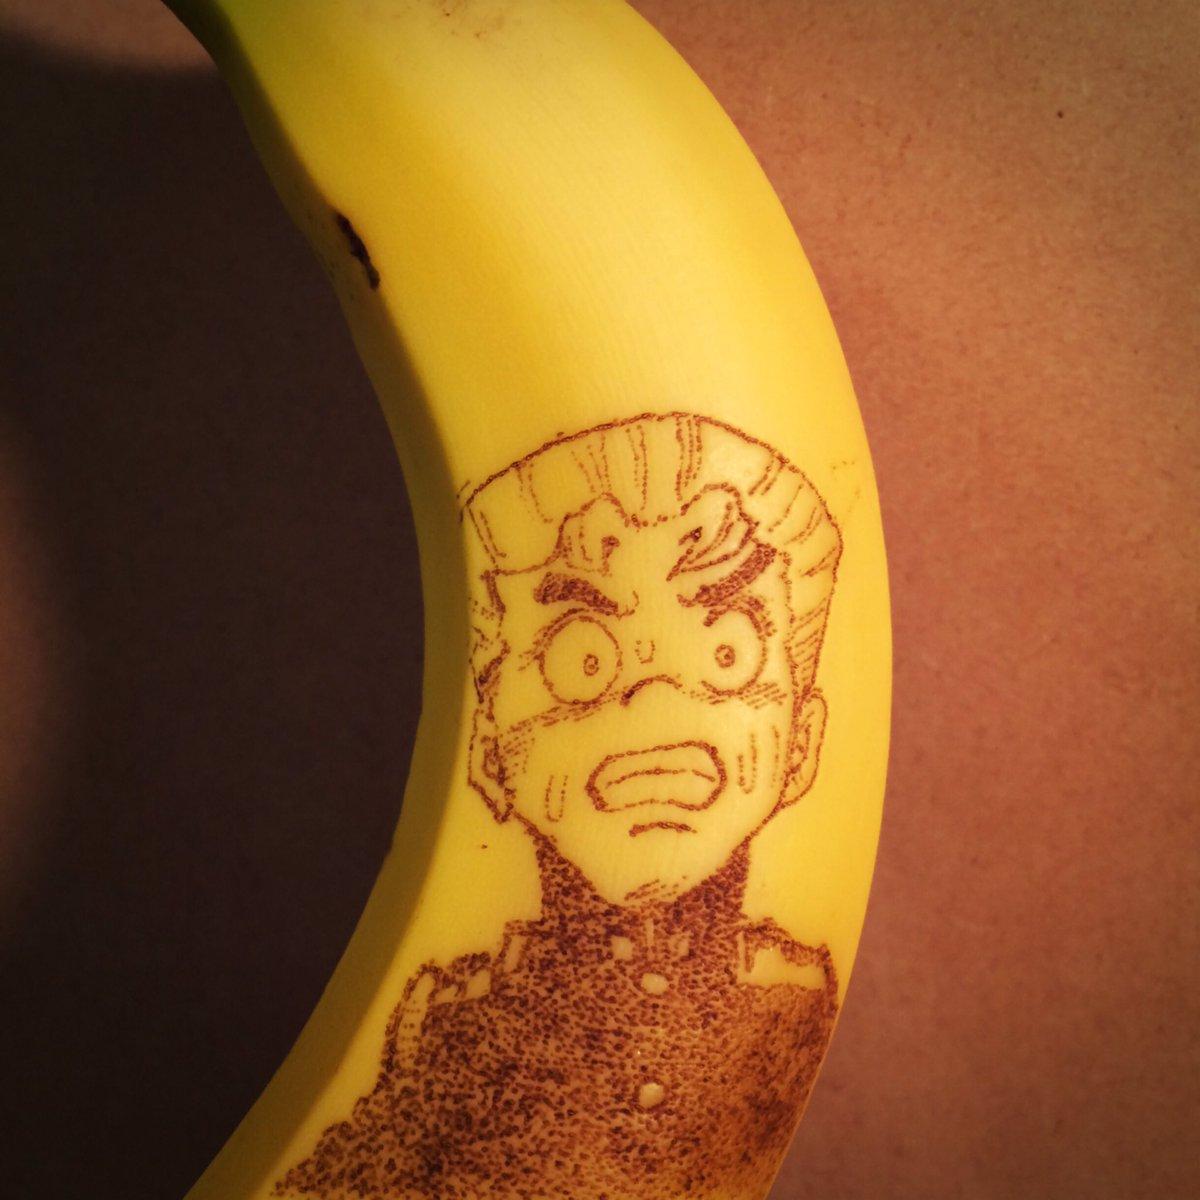 押しピンで皮に穴を開け変色させて描く康一くんをヘブンズ・ドアーでもてあそぶ。 最高だぞ!康一くんッ! #jojo_anime #スタンド #バナナート #岸辺露伴 https://t.co/829D7jyXNX